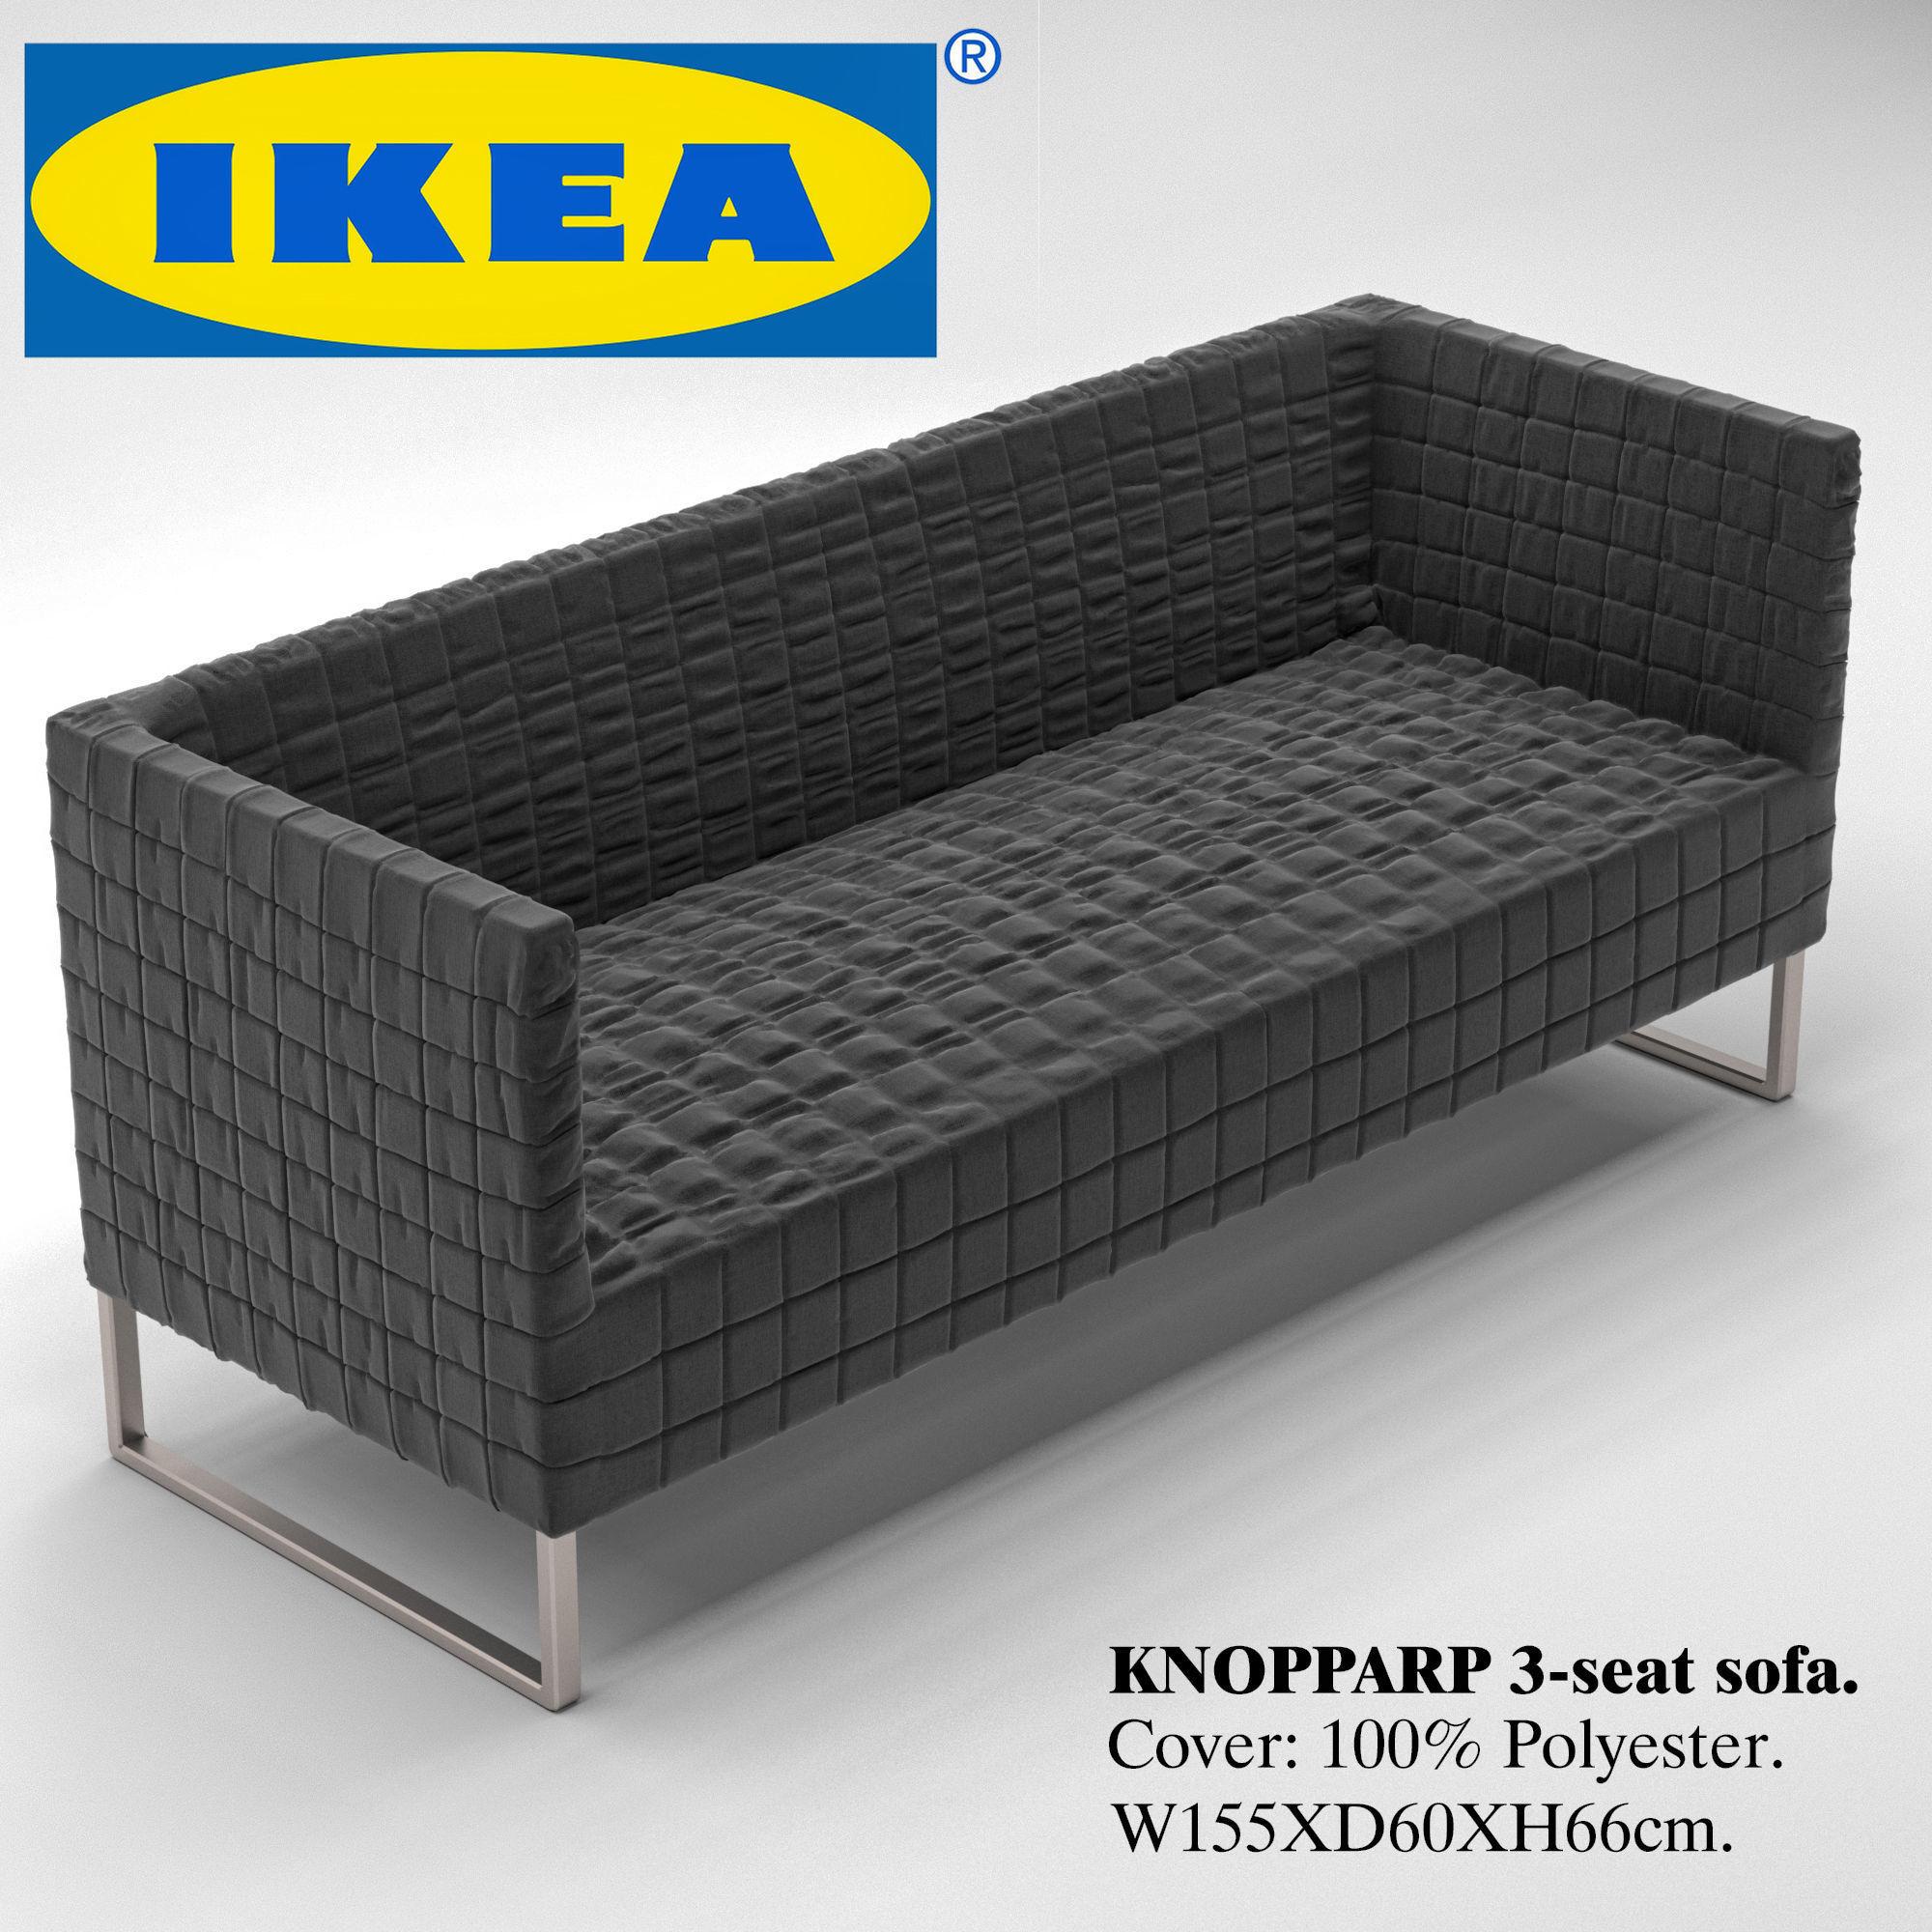 Knopparp Sofa Model Max Obj Mtl 2